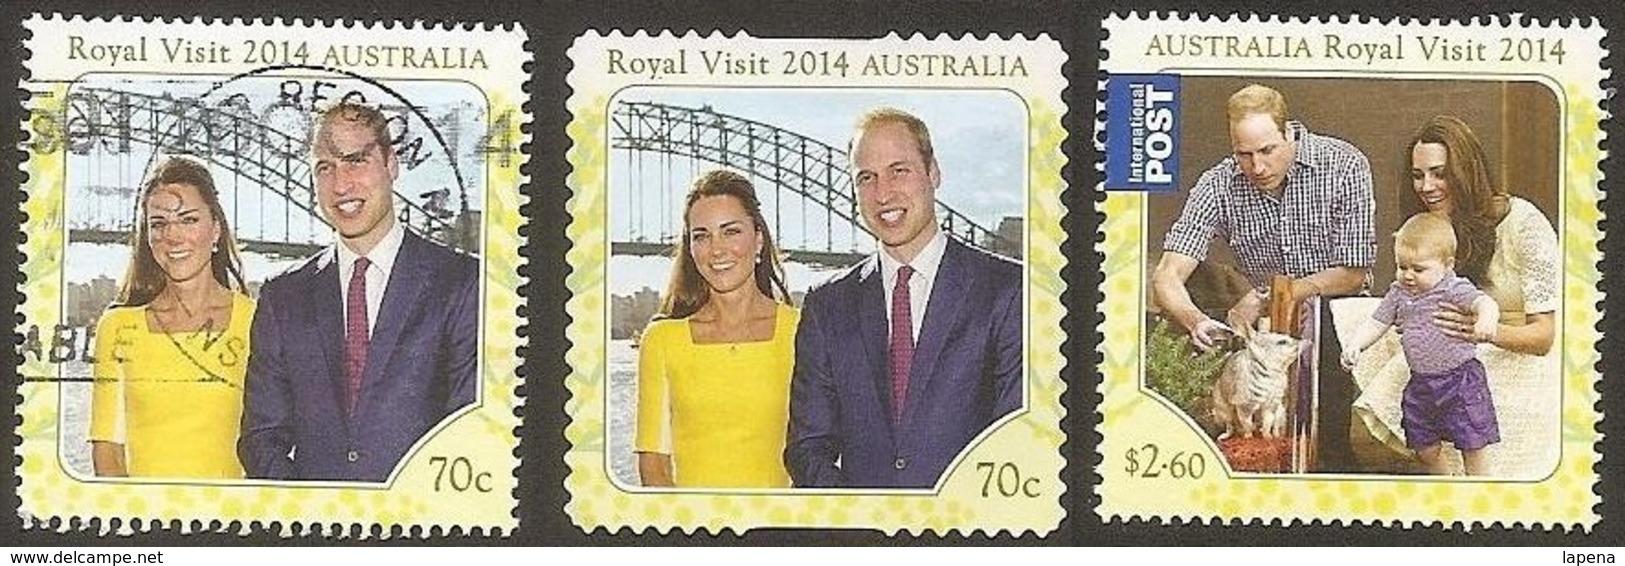 Australia 2014 Used Royal Visit - 2010-... Elizabeth II